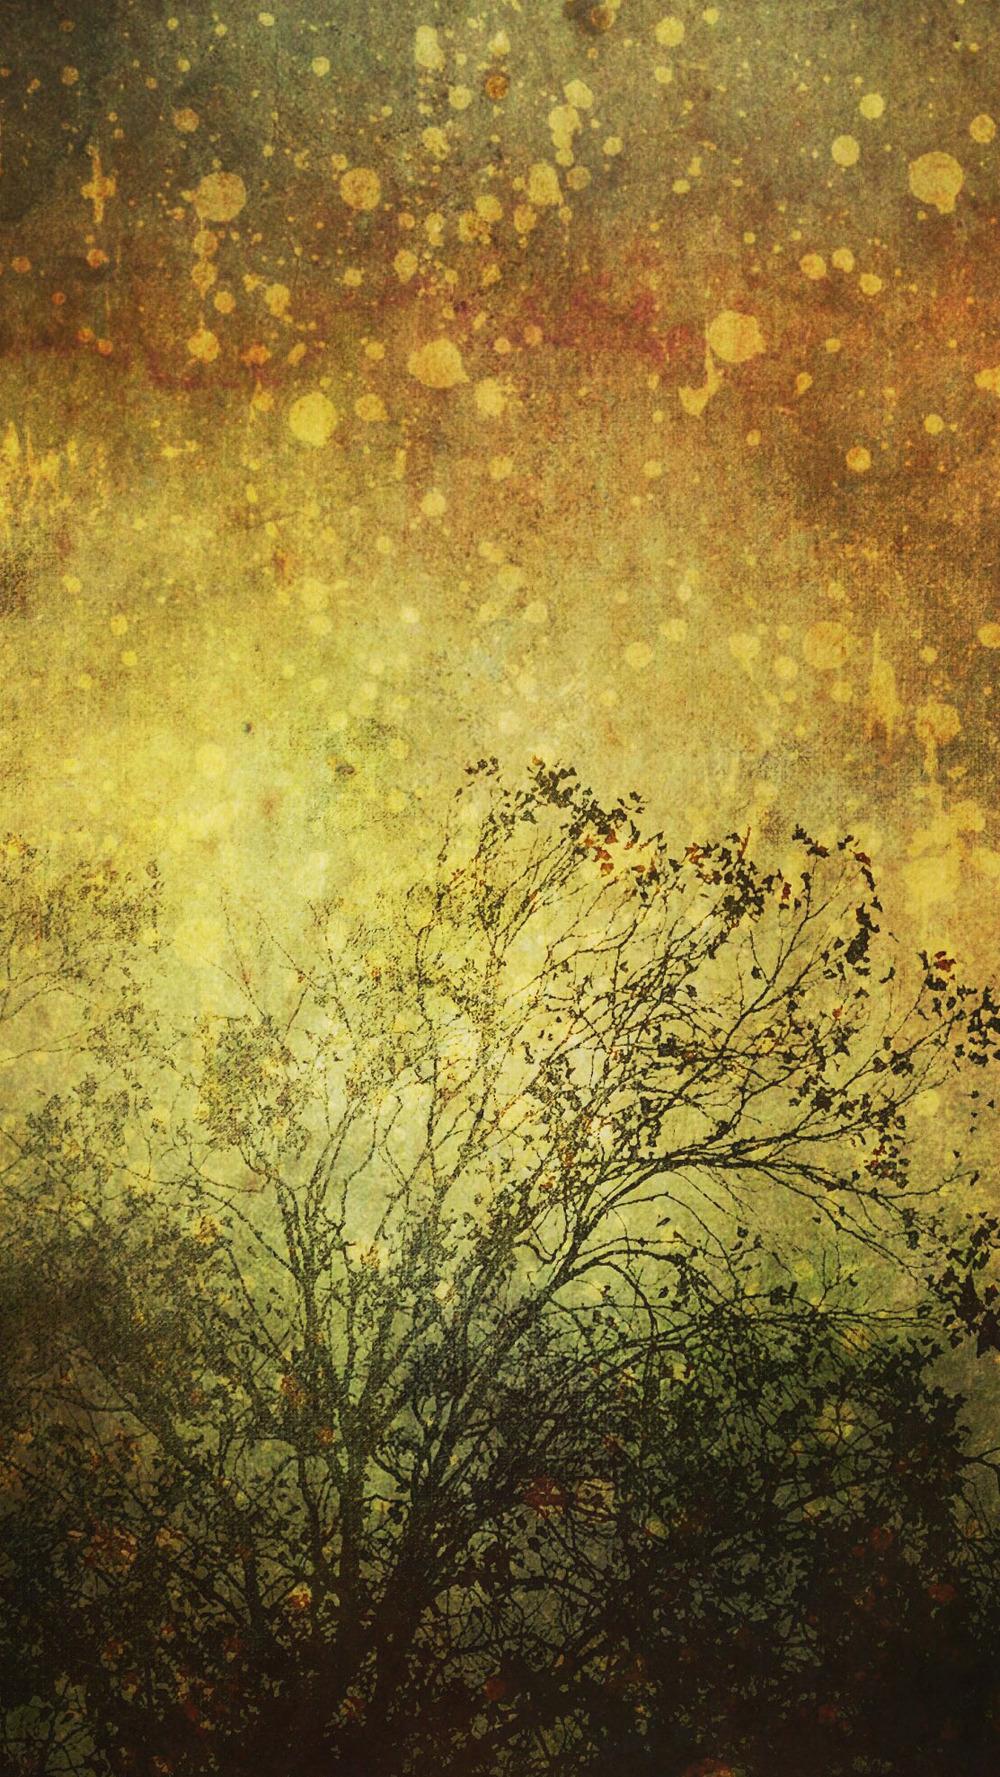 goldwoods_screen.jpg